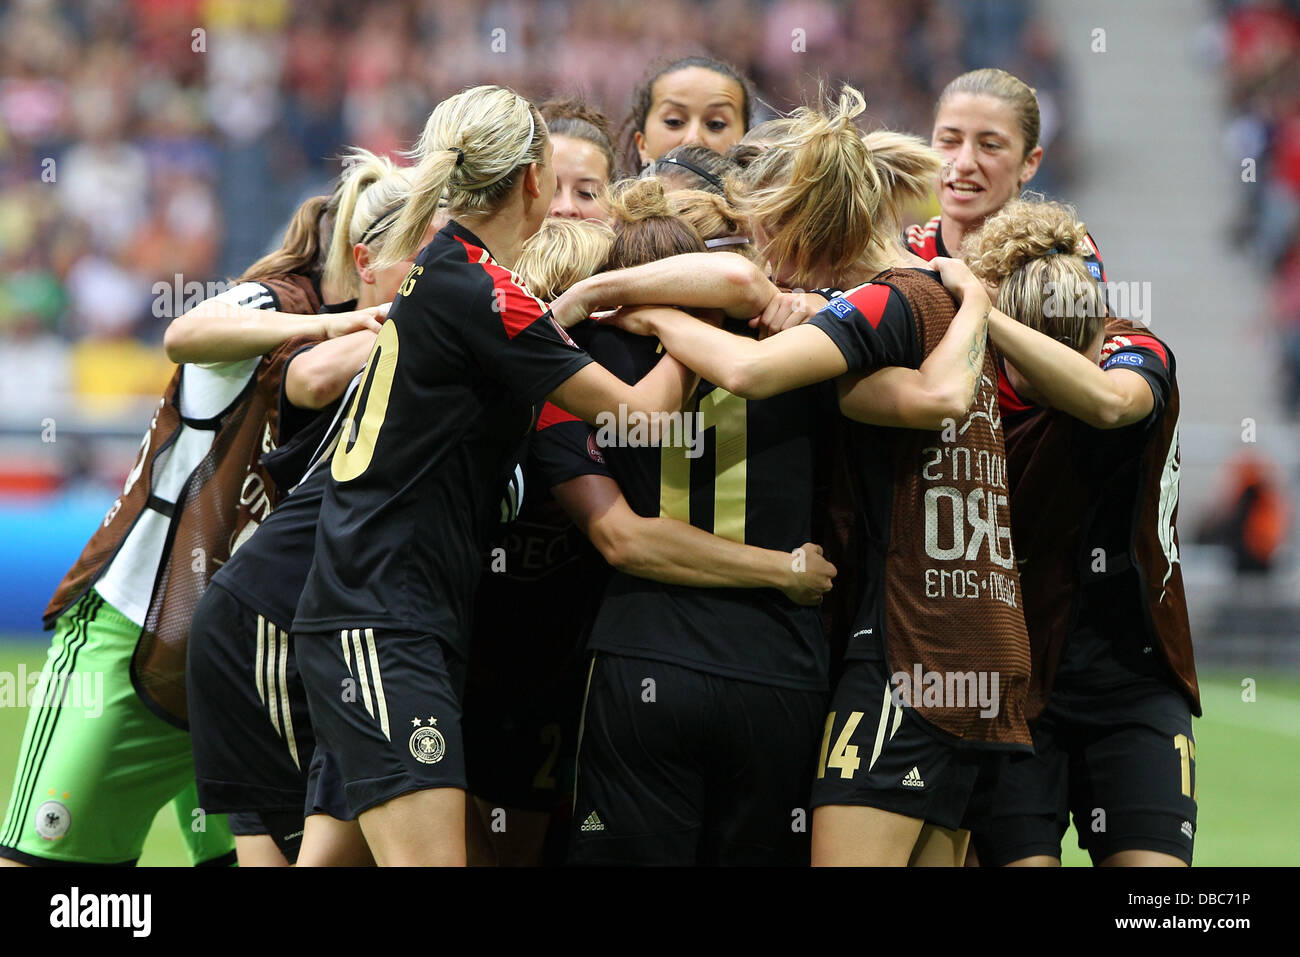 28.07.2013, xfsx, Fussball EM 2013 Finale, Deutschland - Norwegen, v.l. Deutsche Spielerinnen mit Torjubel, celebrate - Stock Image